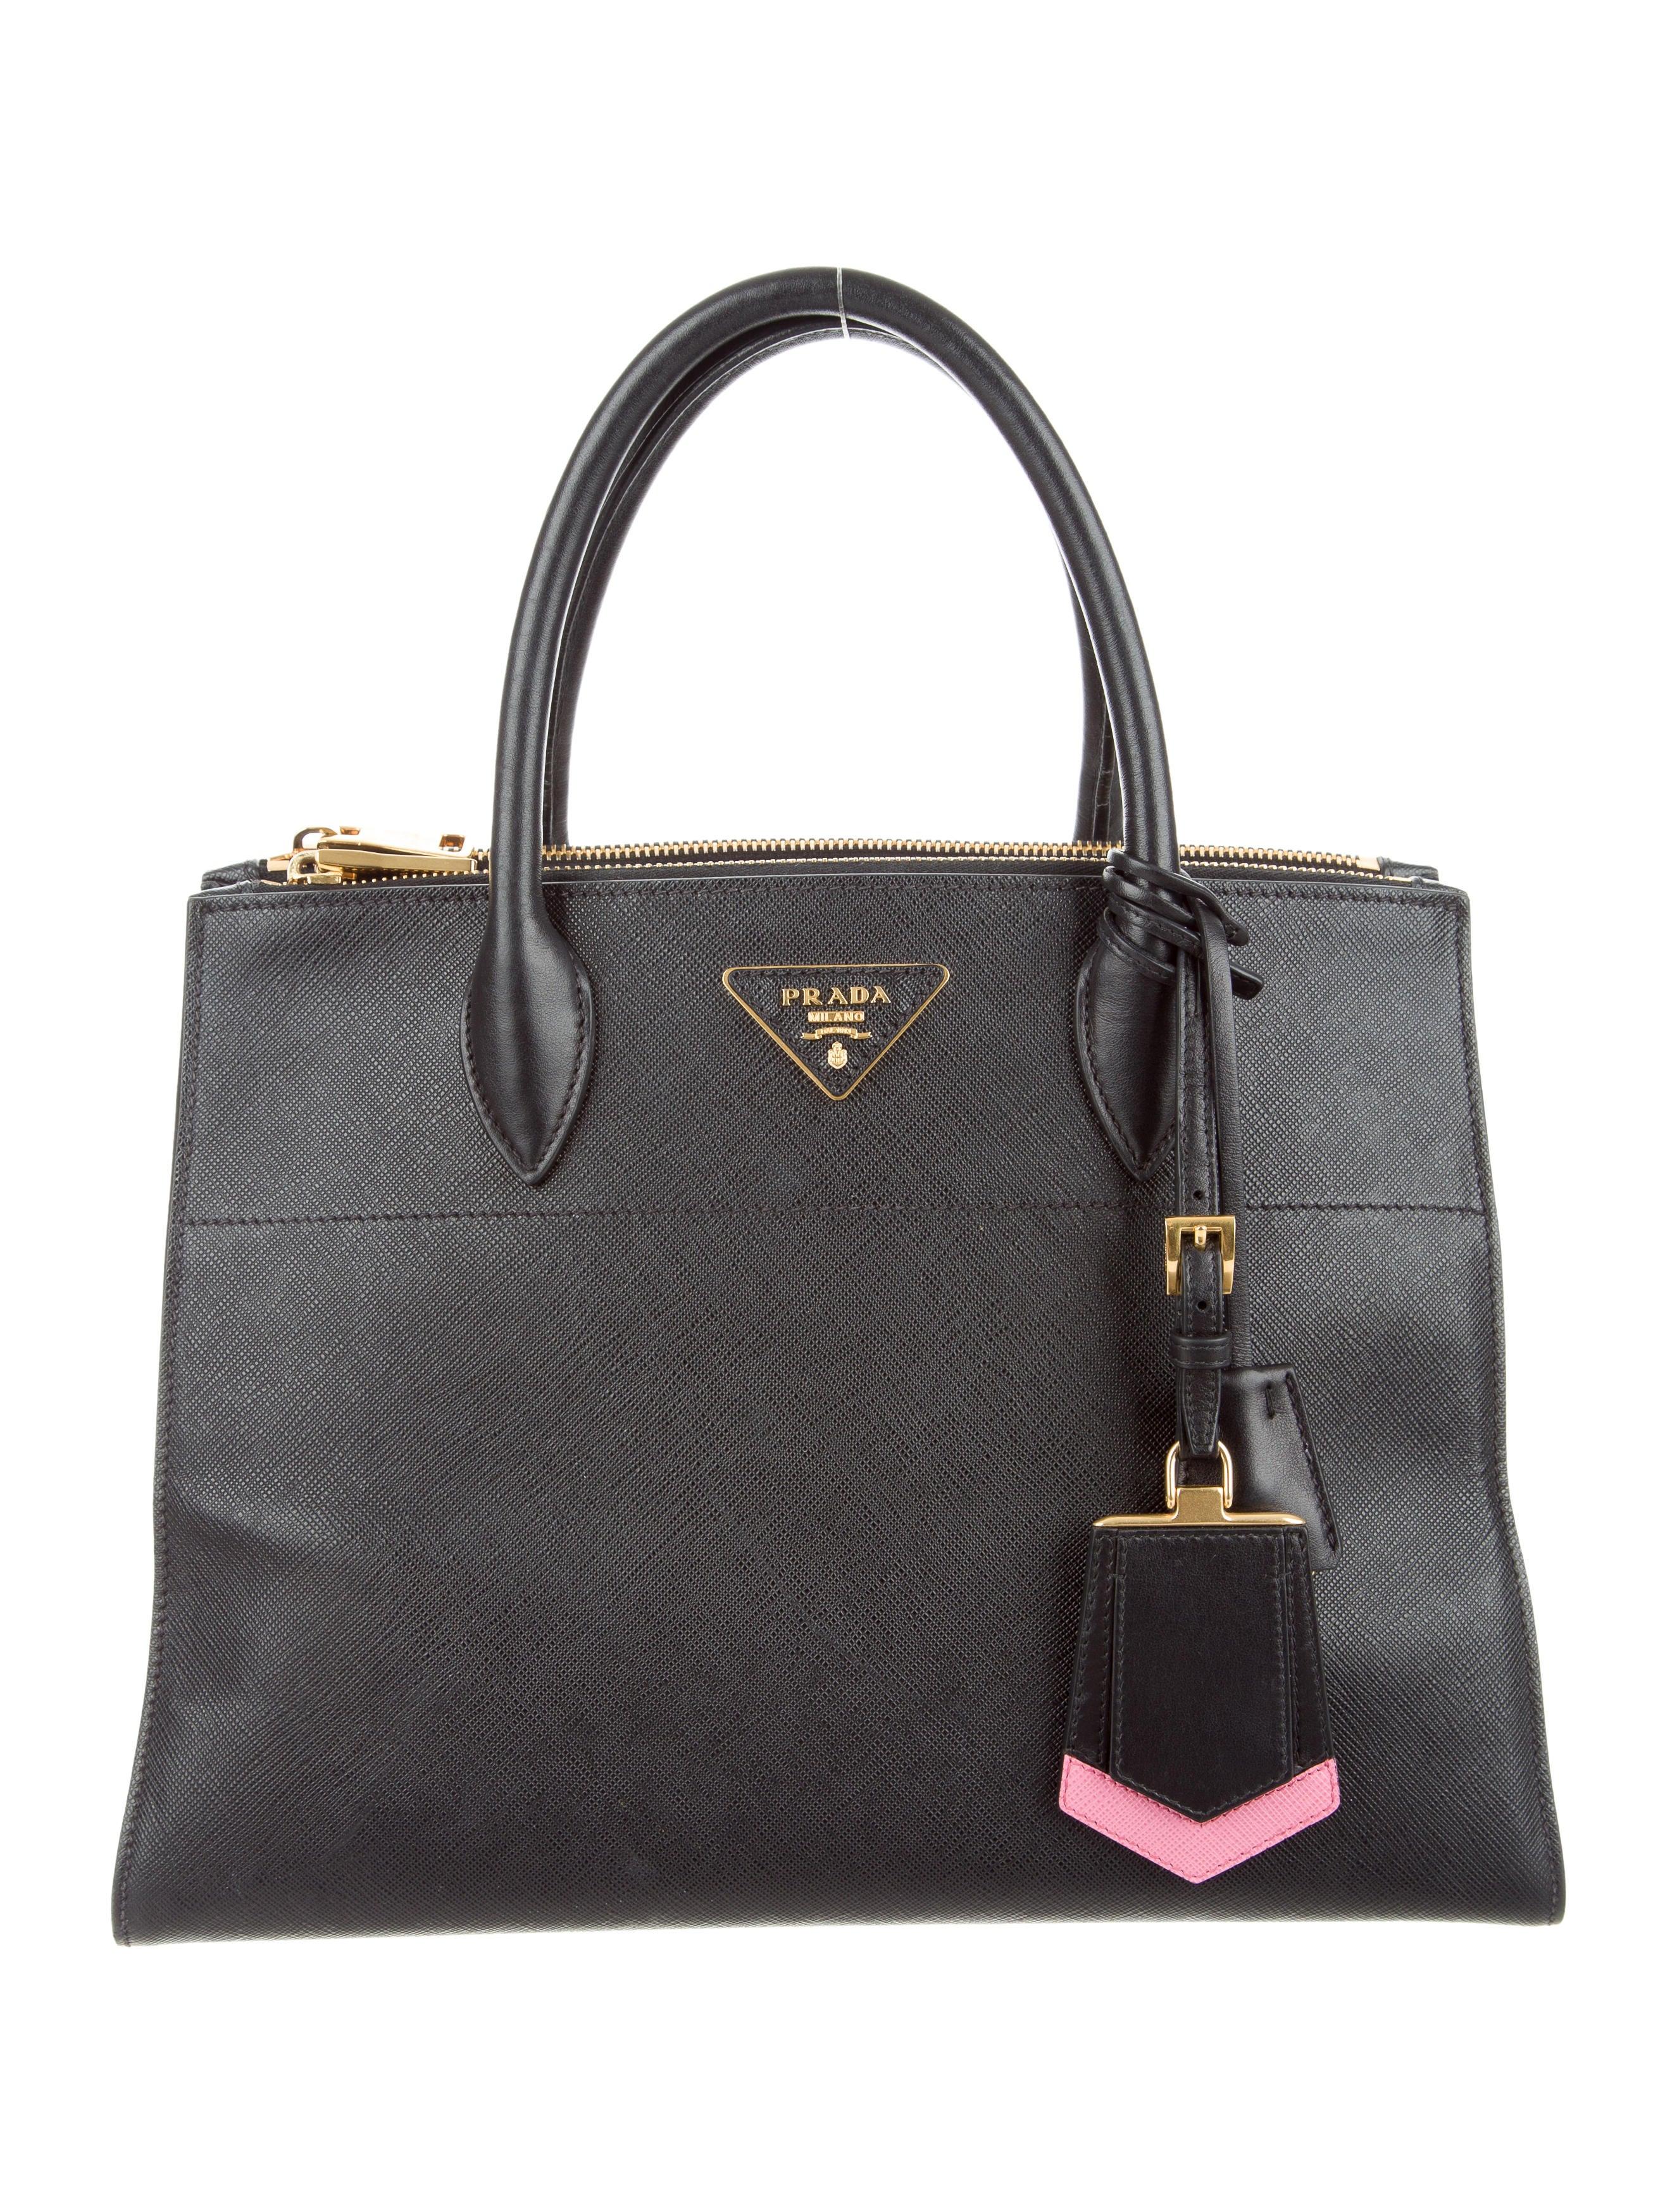 e9d601ba10ff Prada Medium Saffiano Greca Paradigm Tote Bags | Stanford Center for ...